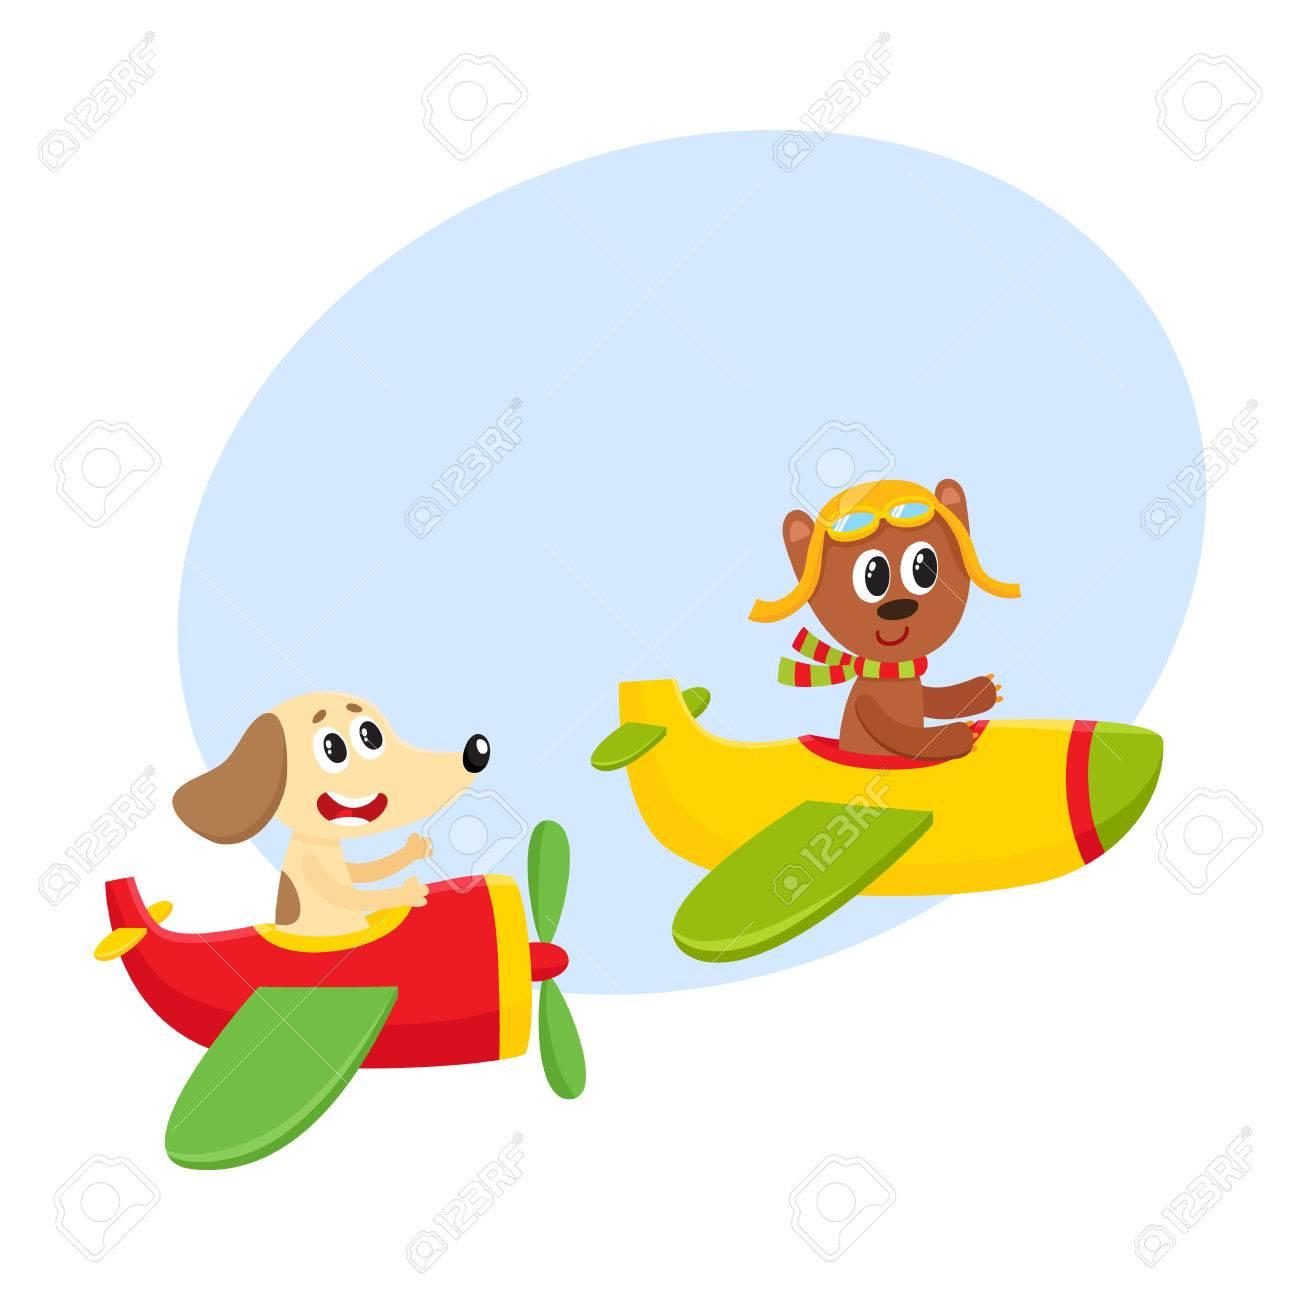 飛行機 - クマと犬、漫画の中で飛んでいるかわいい面白い動物パイロット